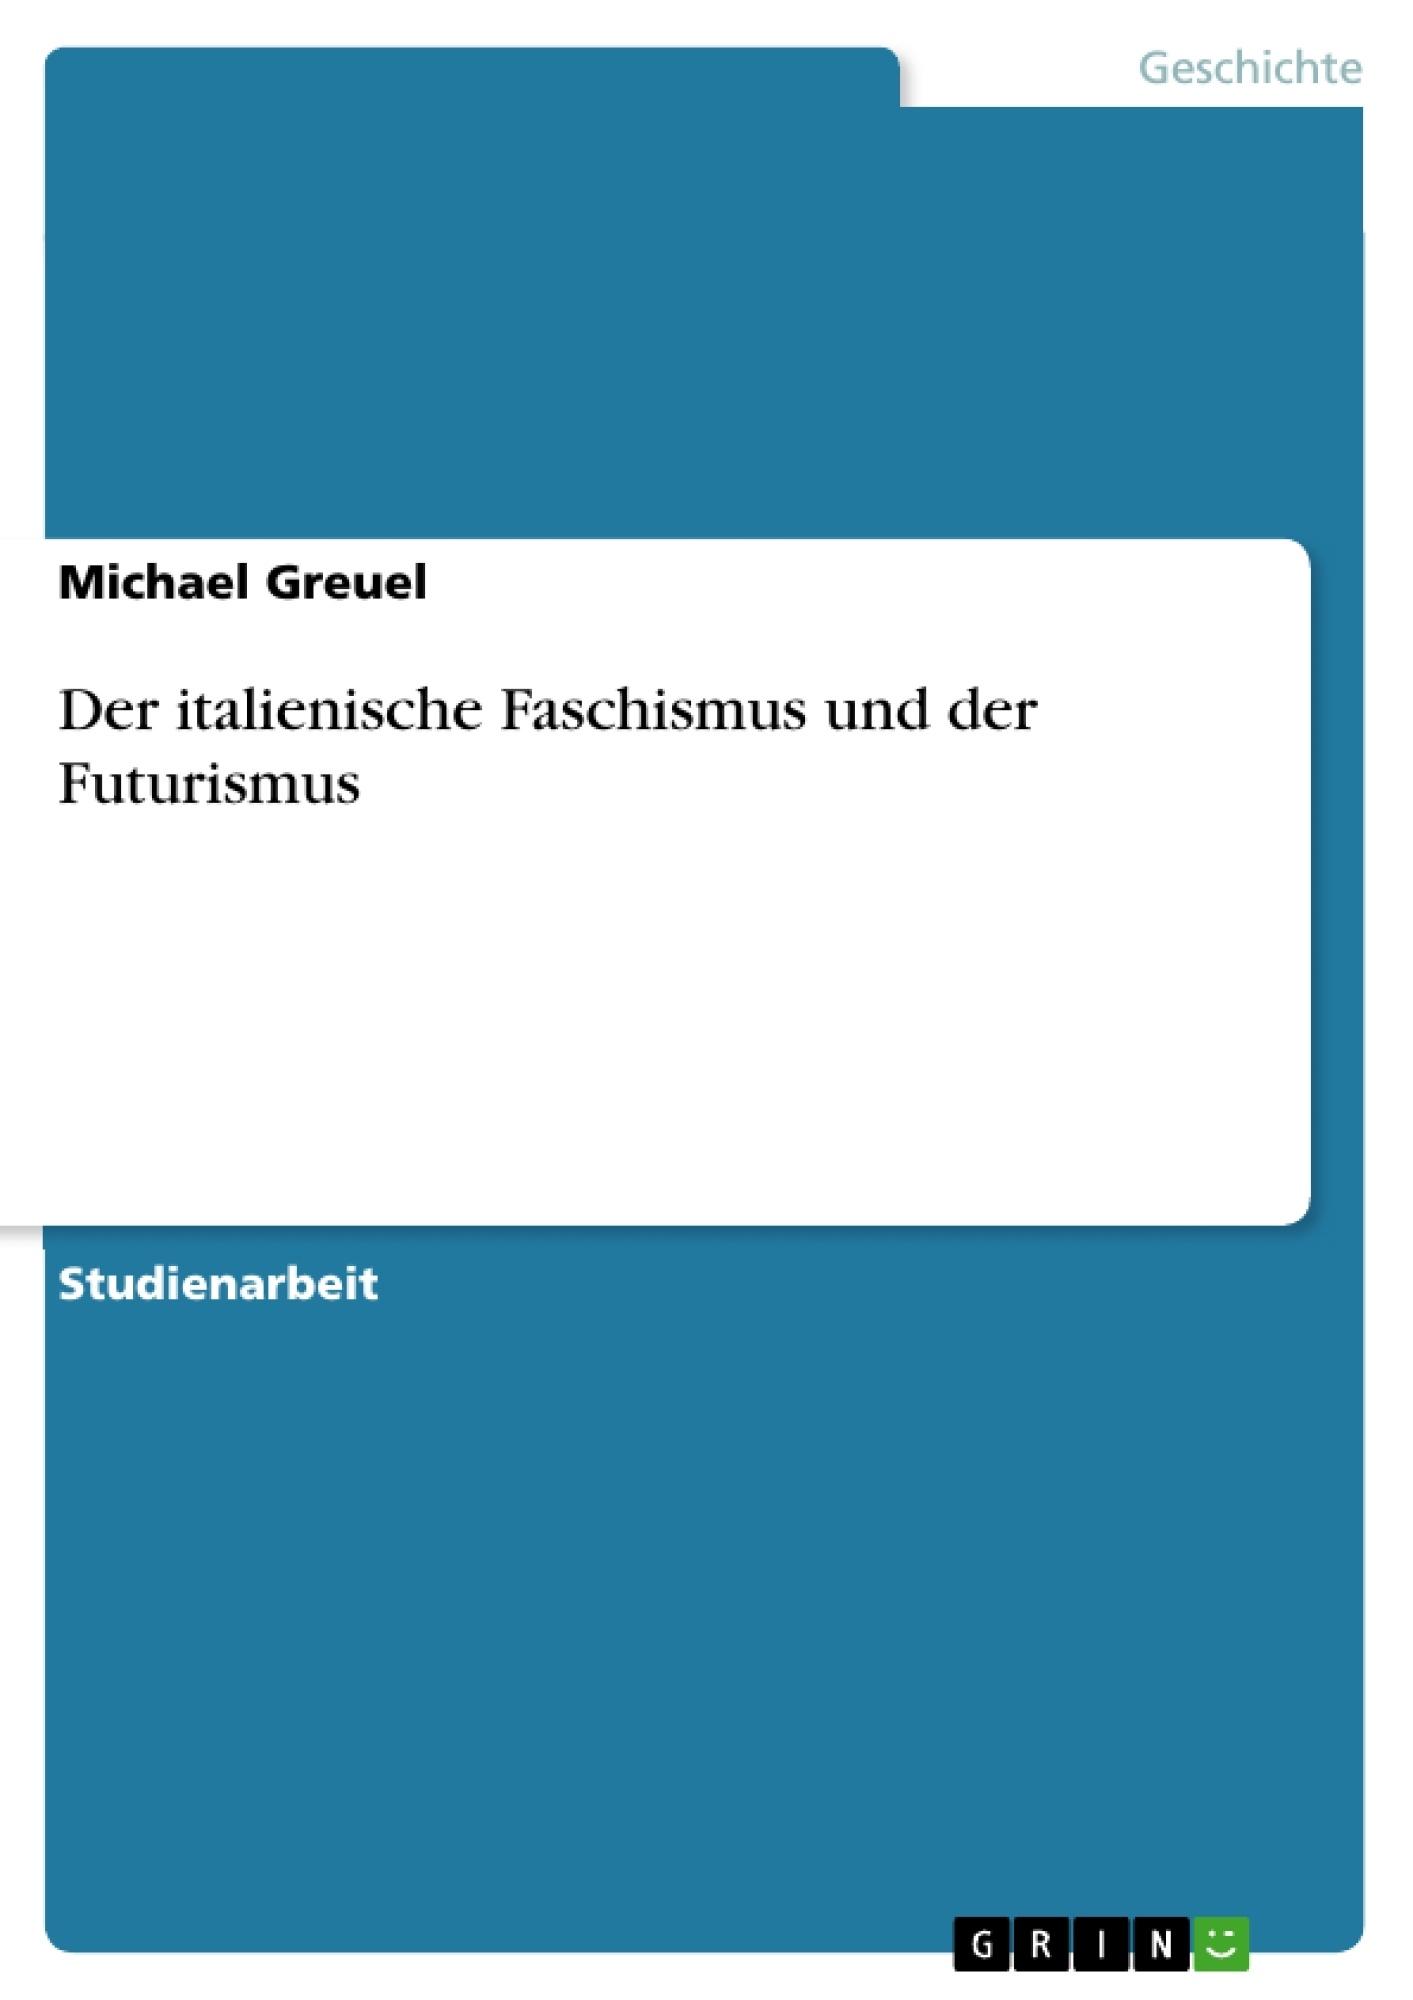 Titel: Der italienische Faschismus und der Futurismus